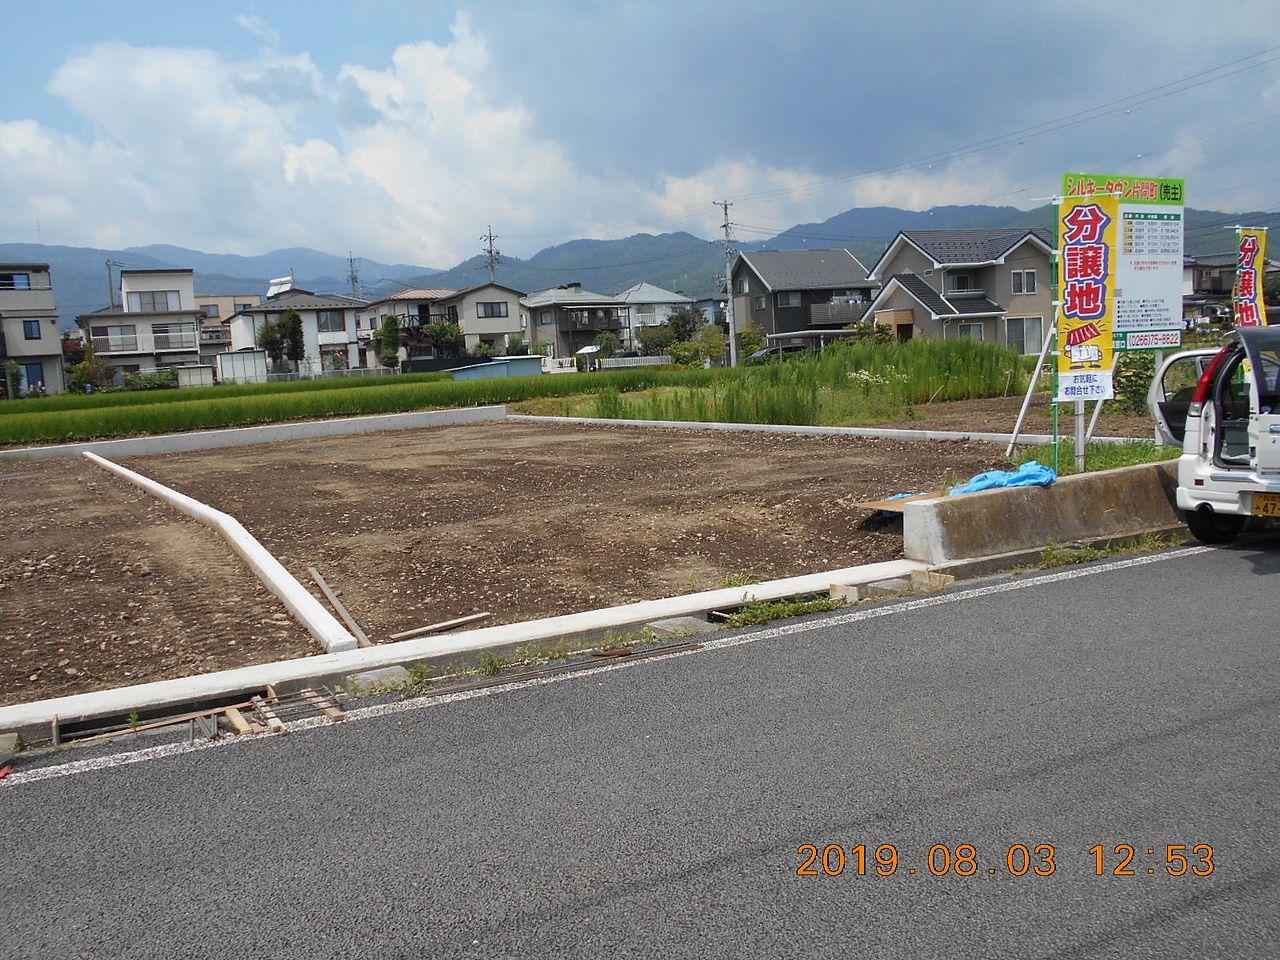 出入口の水路にコンクリートの蓋を造るために、鉄筋と型枠が組まれています。